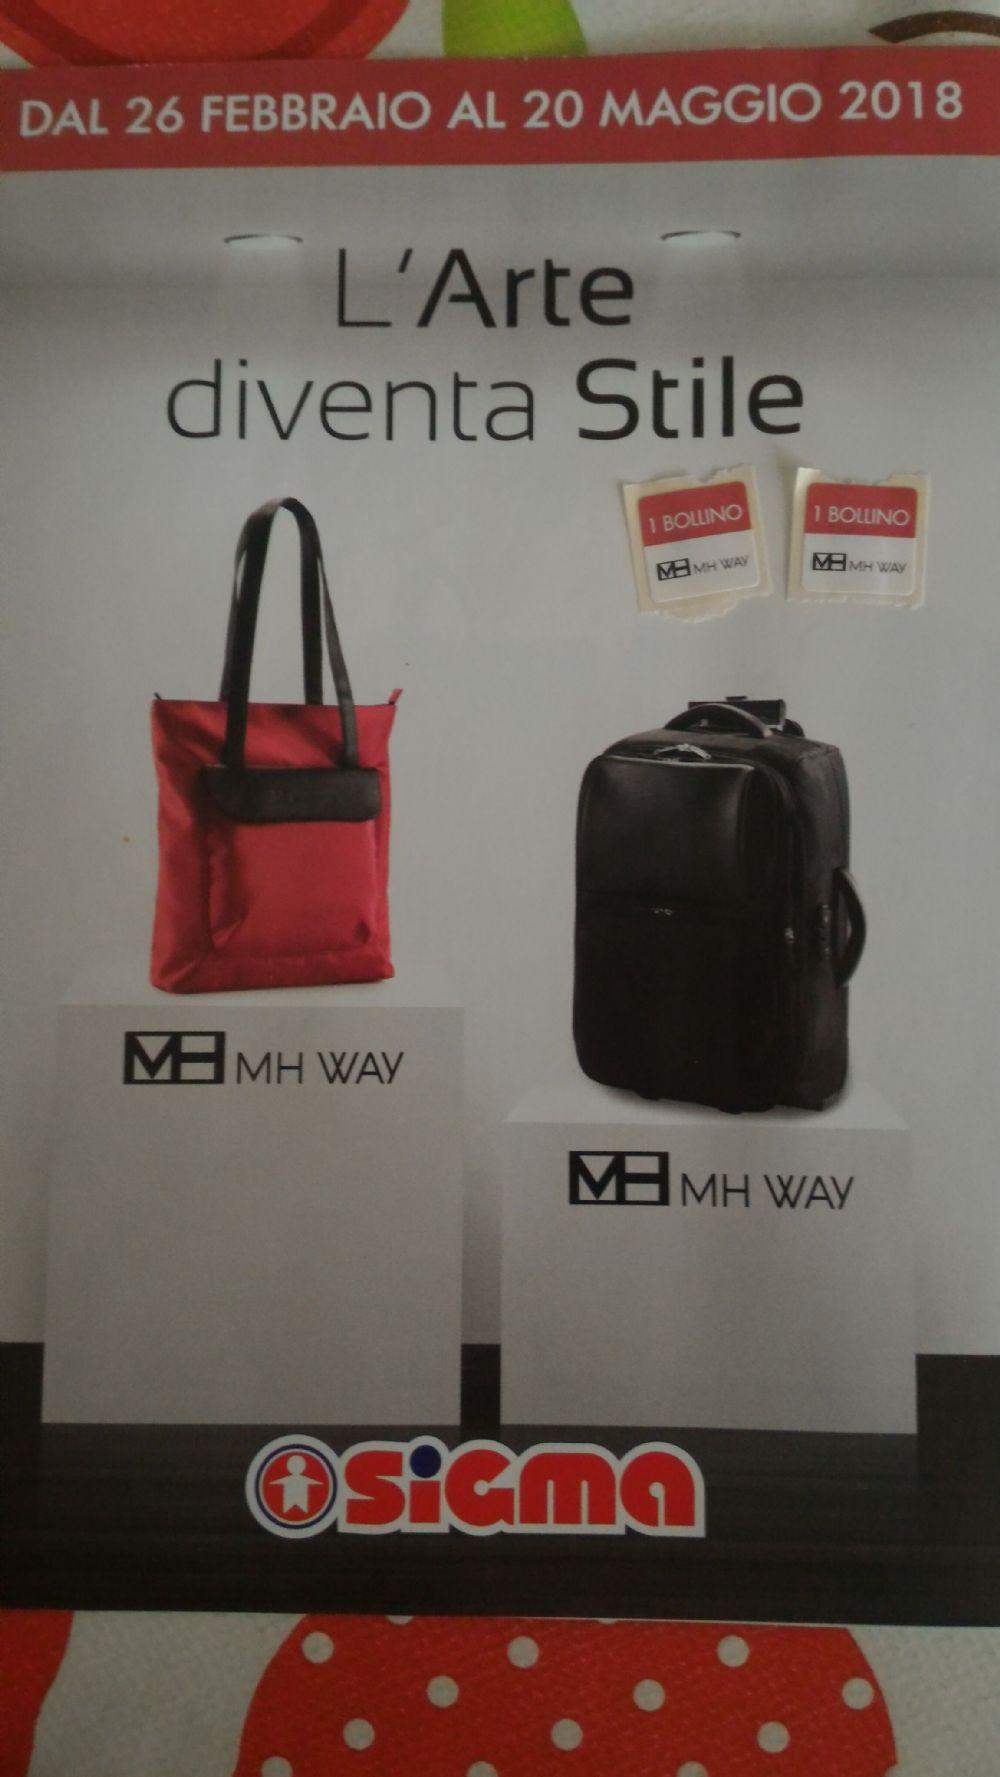 Sono arrivate le borse e le valige MH WAY | Walber